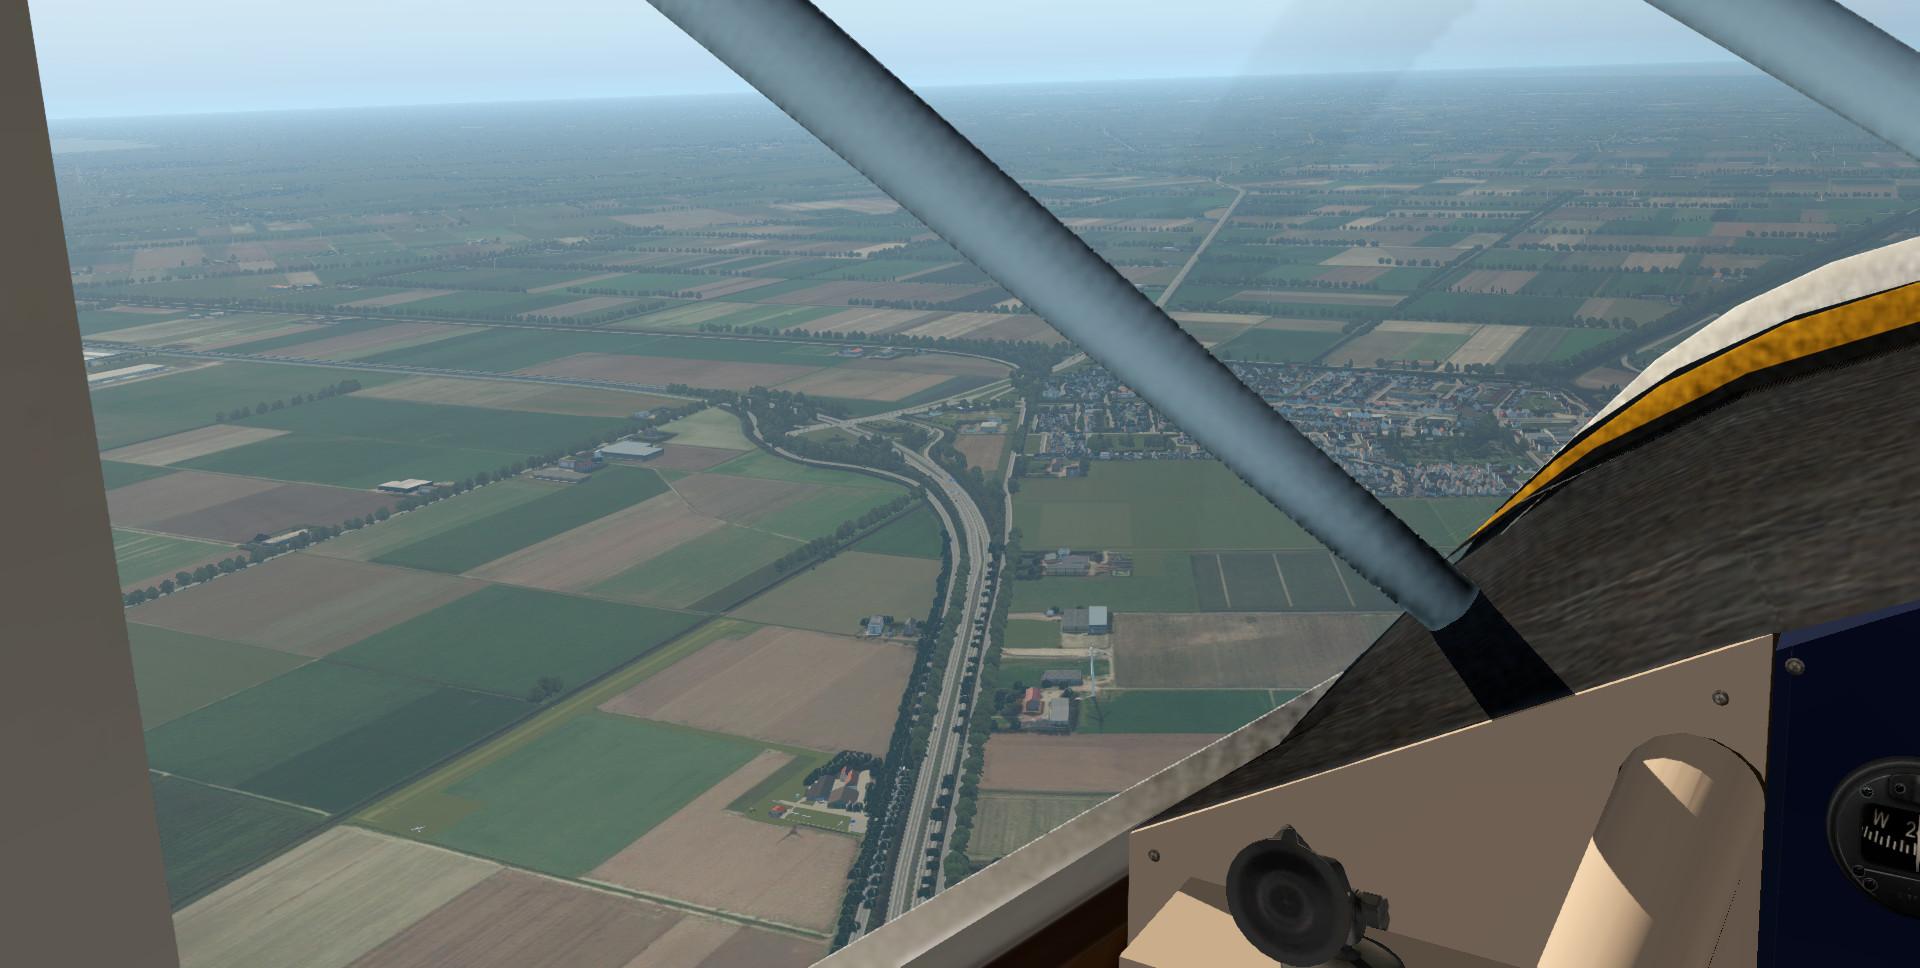 nordseerundflug-040z2jgj.jpg